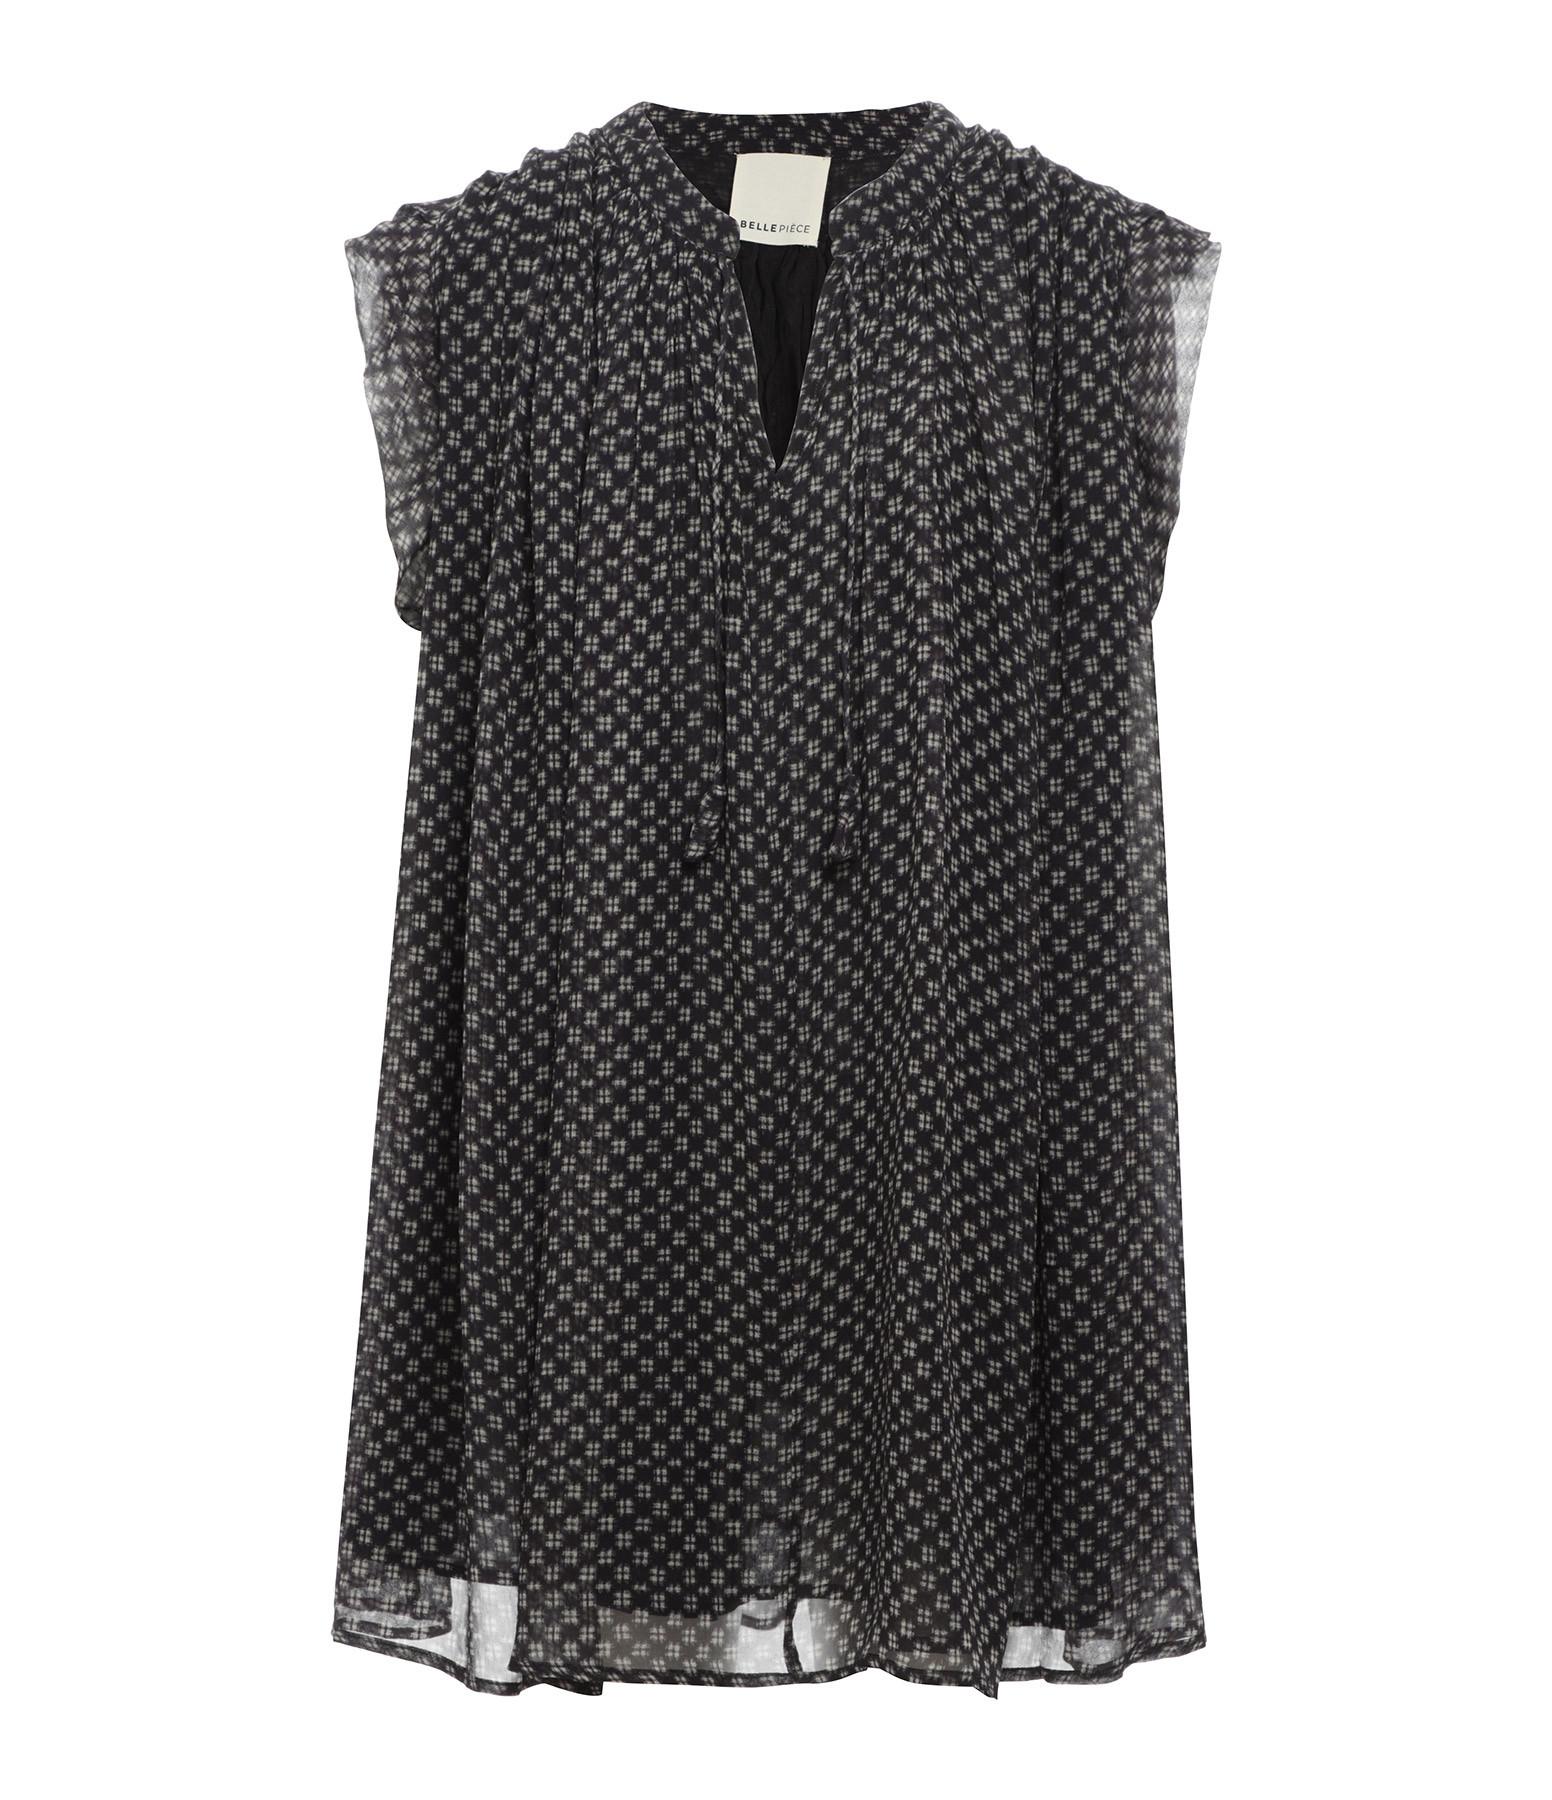 BELLE PIÈCE - Robe August Imprimé Étoile